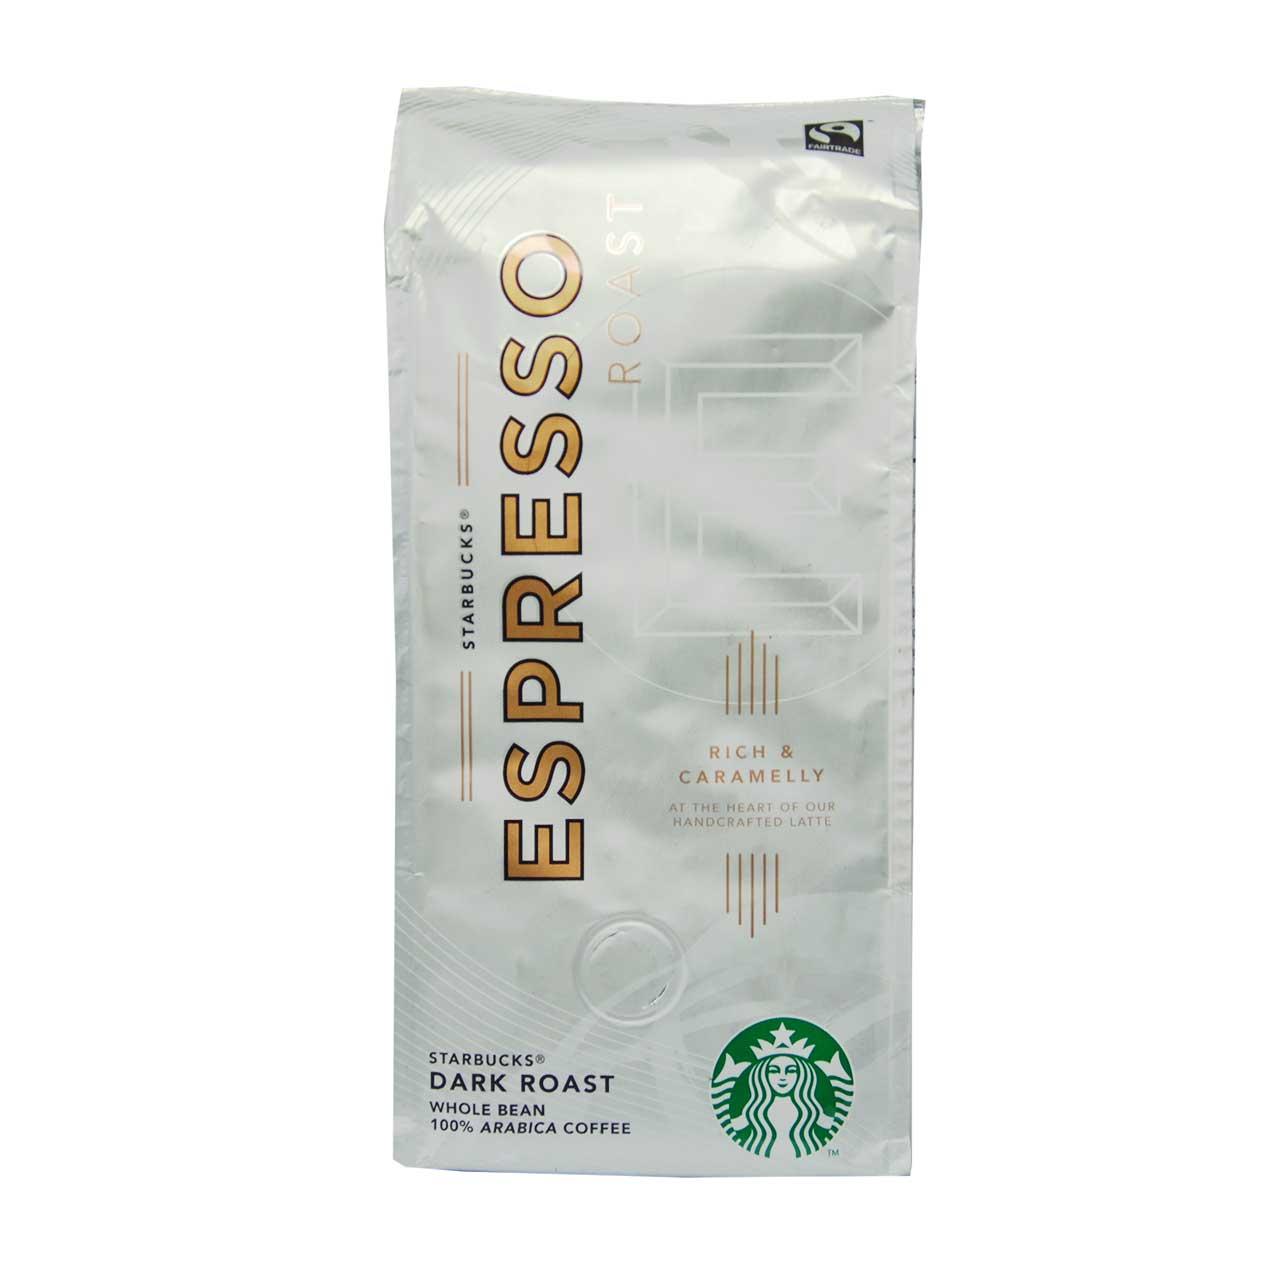 قهوه دان اسپرسو ۲۵۰گرم دارک روست استارباکس – starbucks